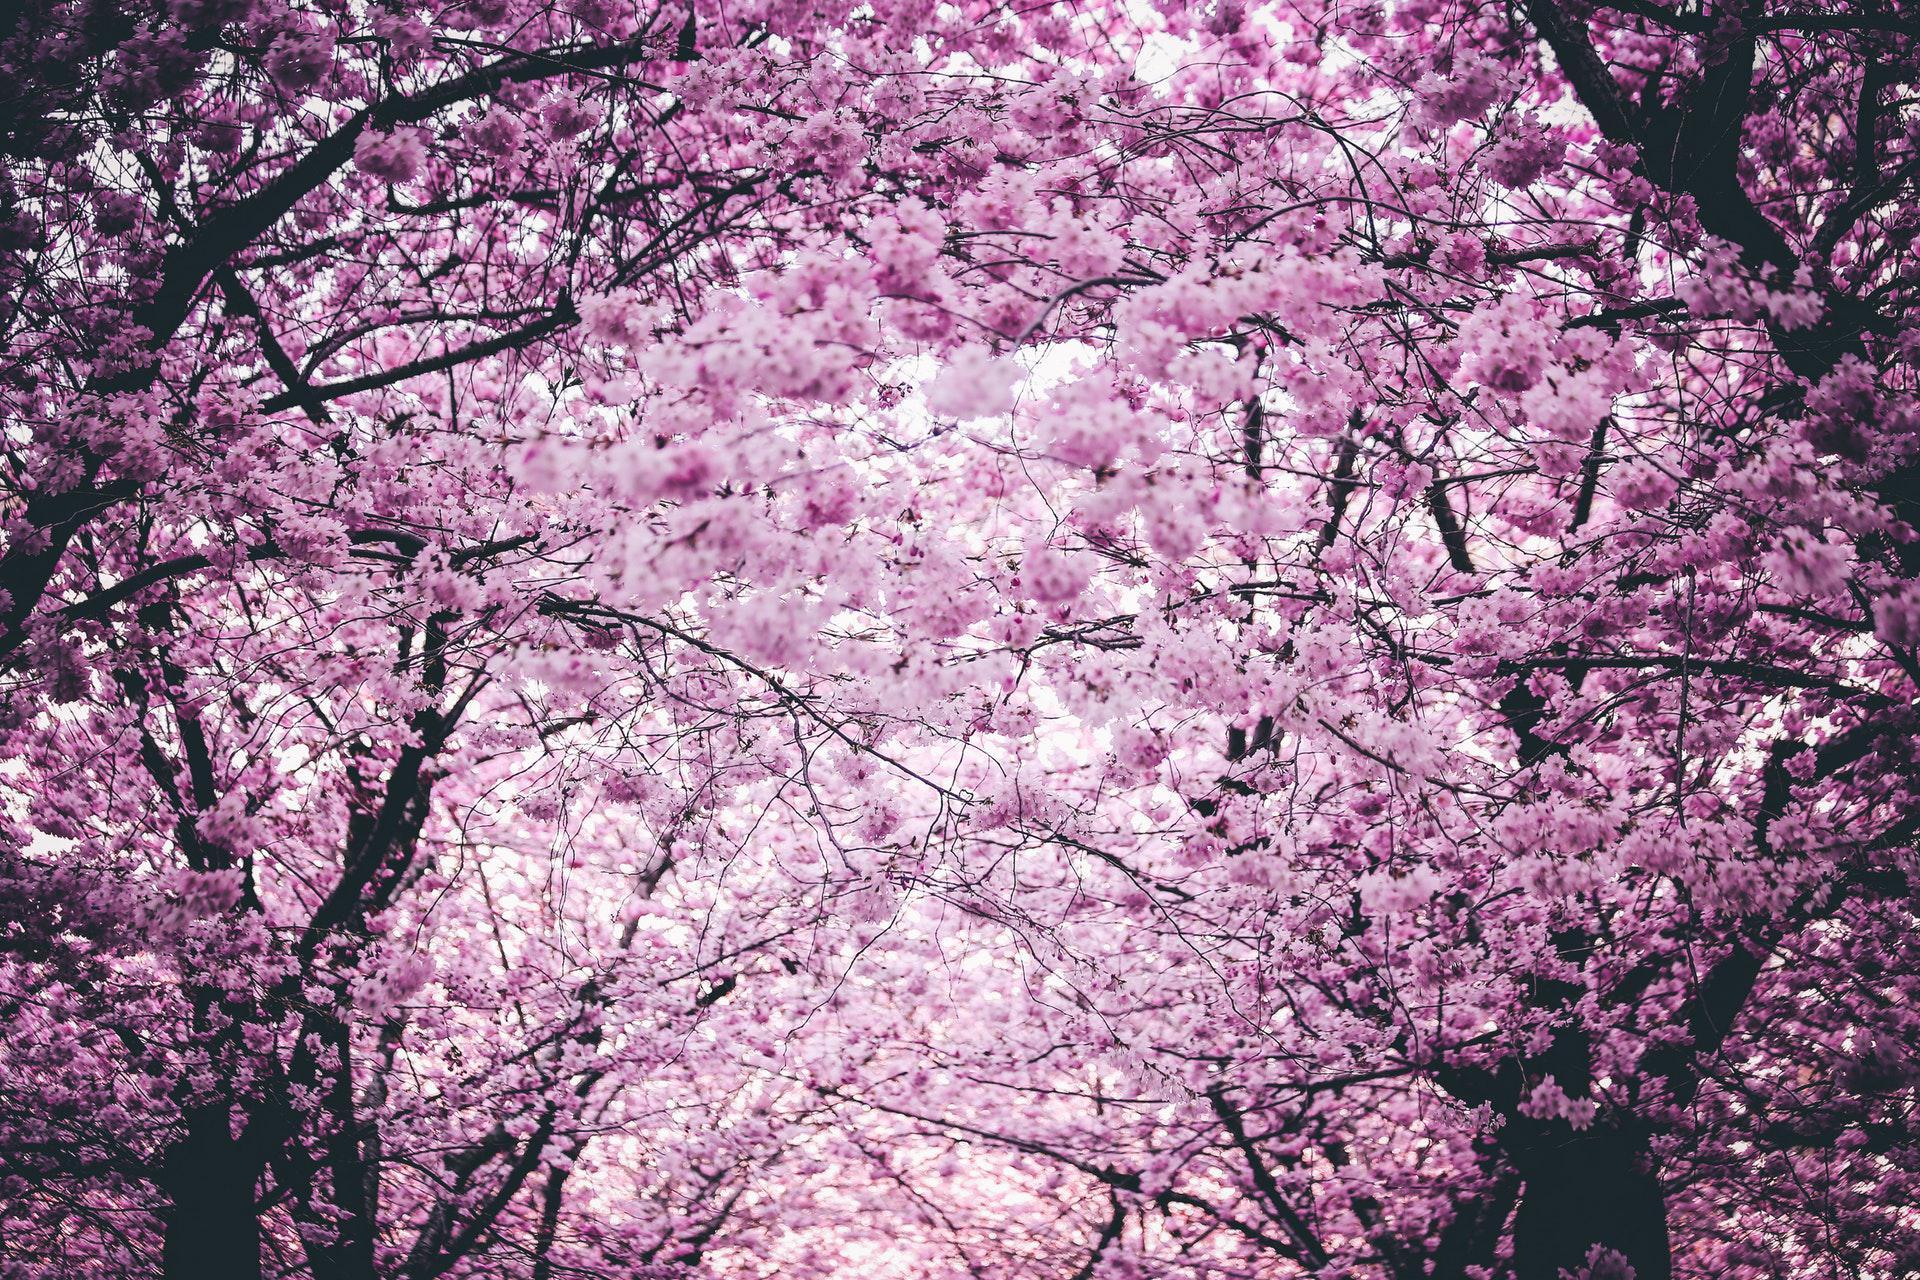 عکس زمینه گلهای صورتی روی درختان در بهار پس زمینه